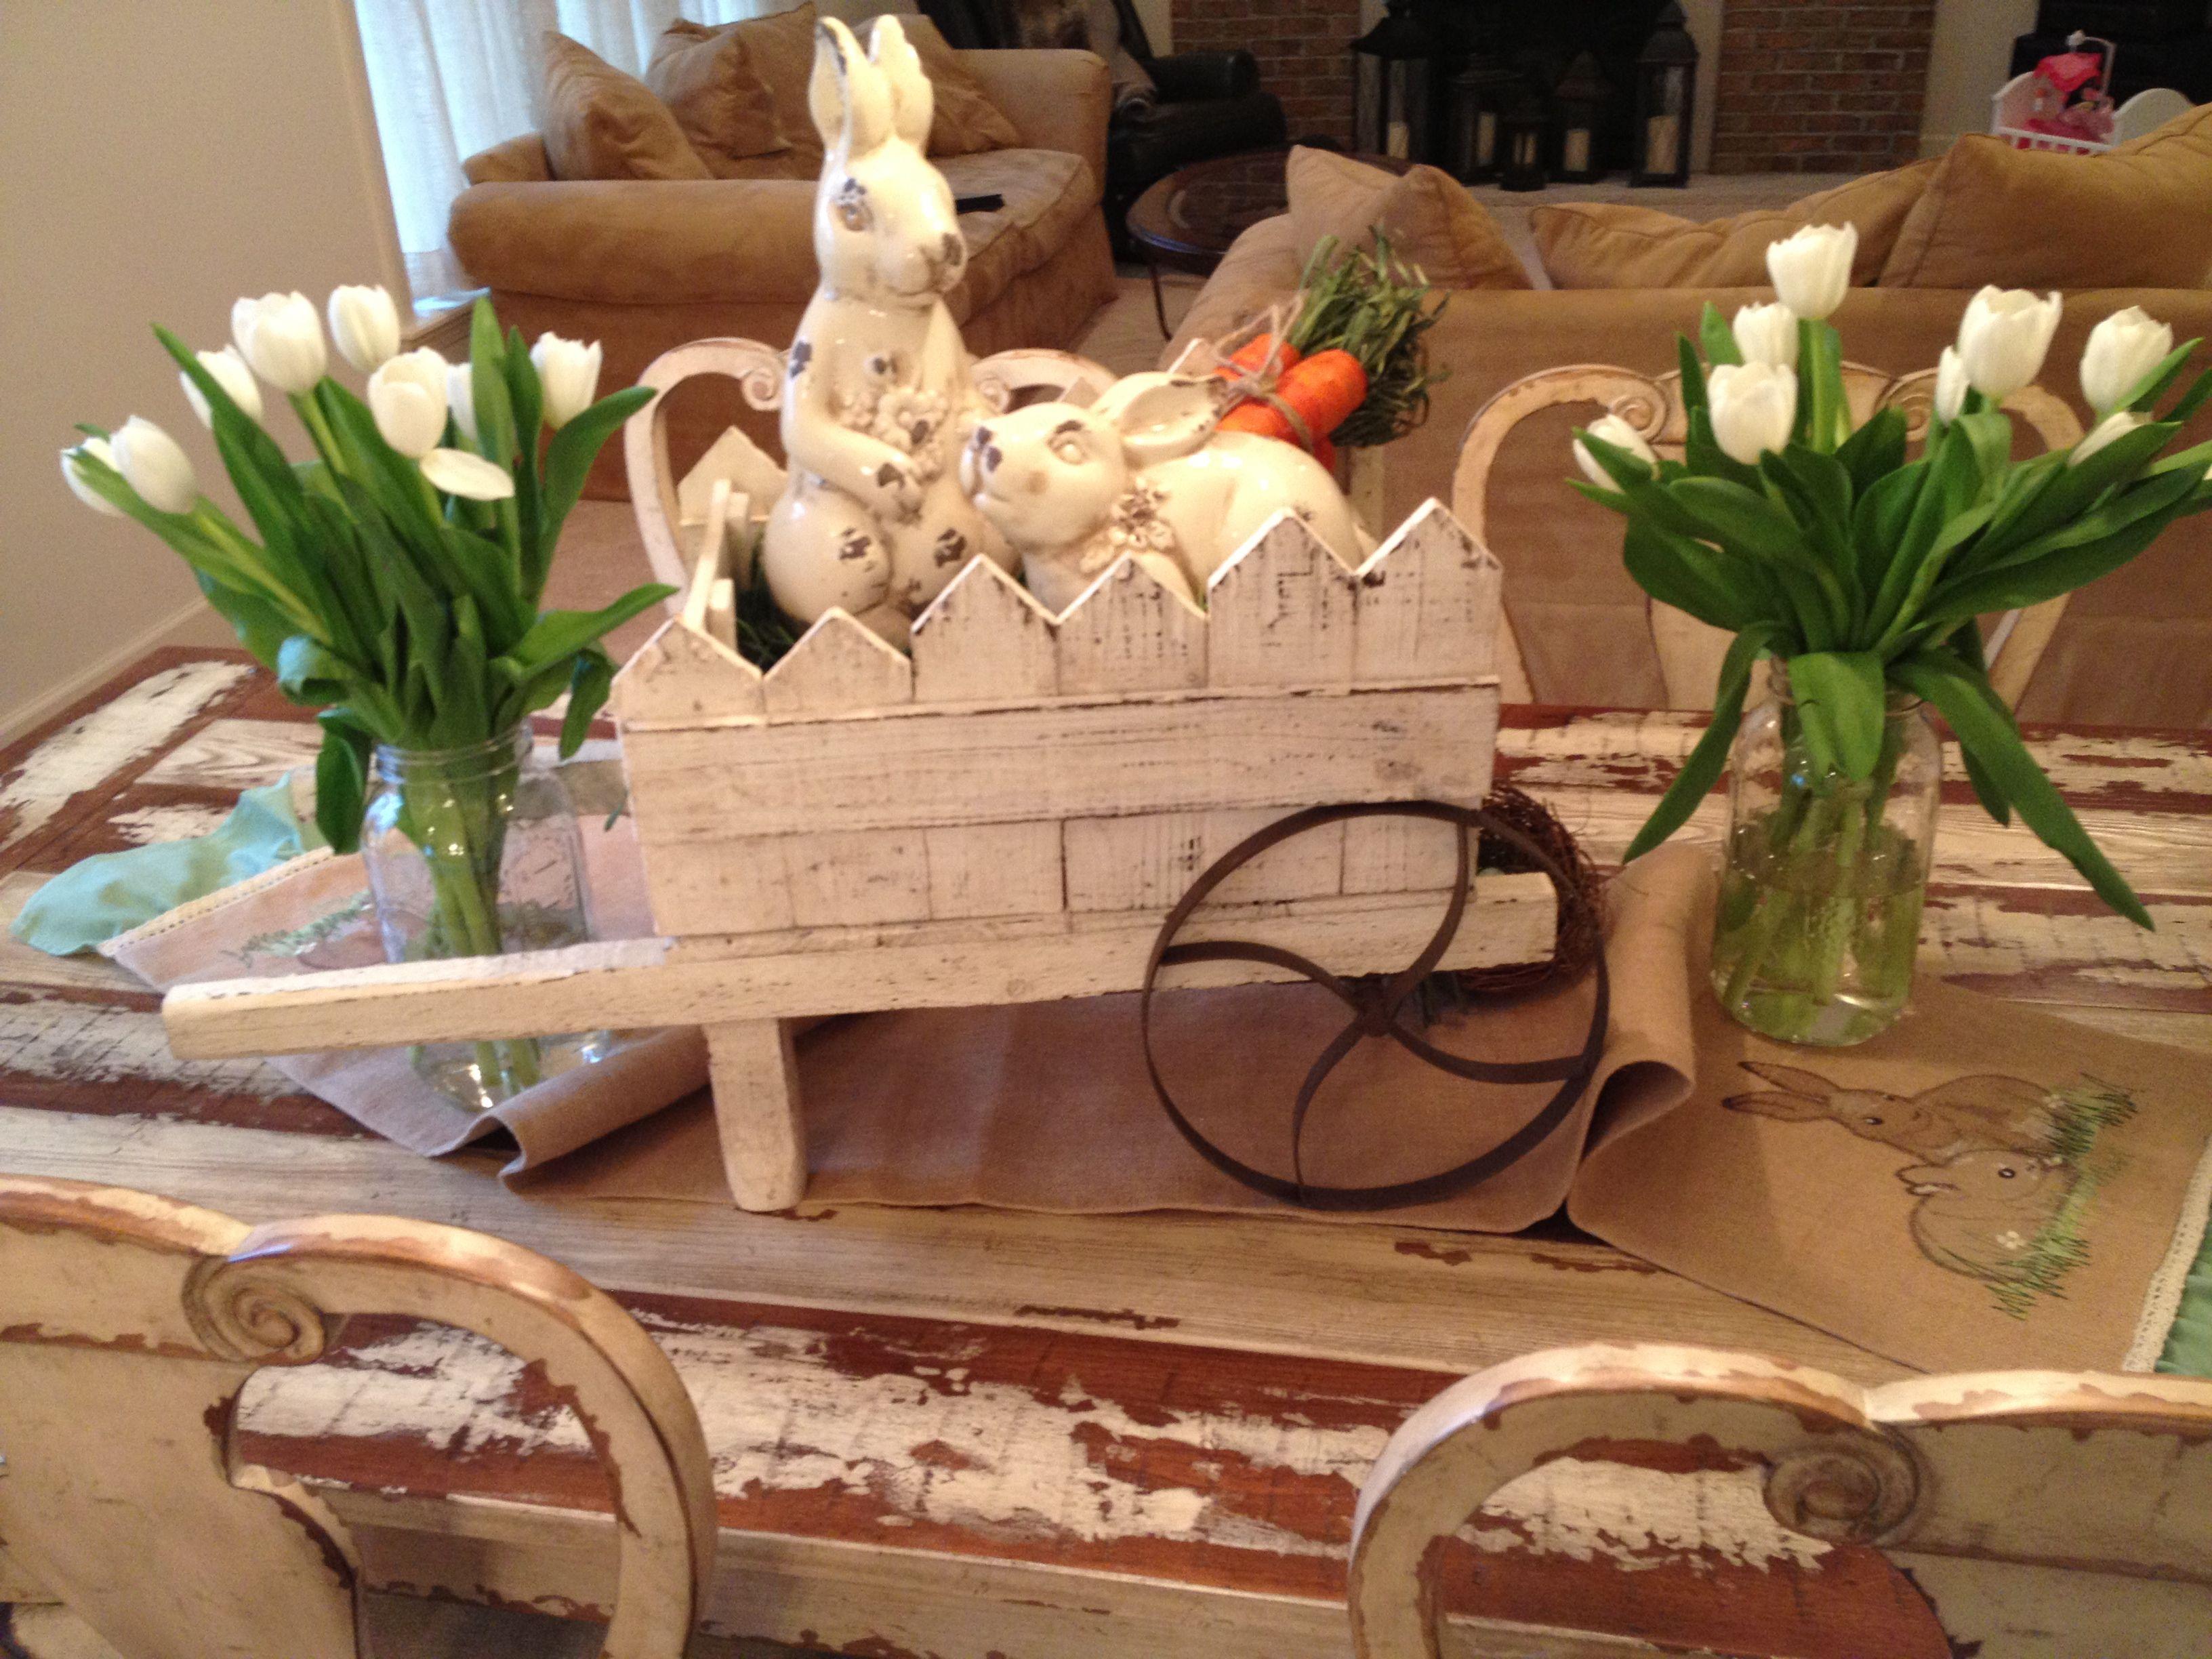 Easter Tablescape Wheelbarrow Ceramic Bunnies Straw Carrots Burlap Runner Hobby Lobby Fresh White Tulips Easter Tablescapes Ceramic Bunny Family Easter